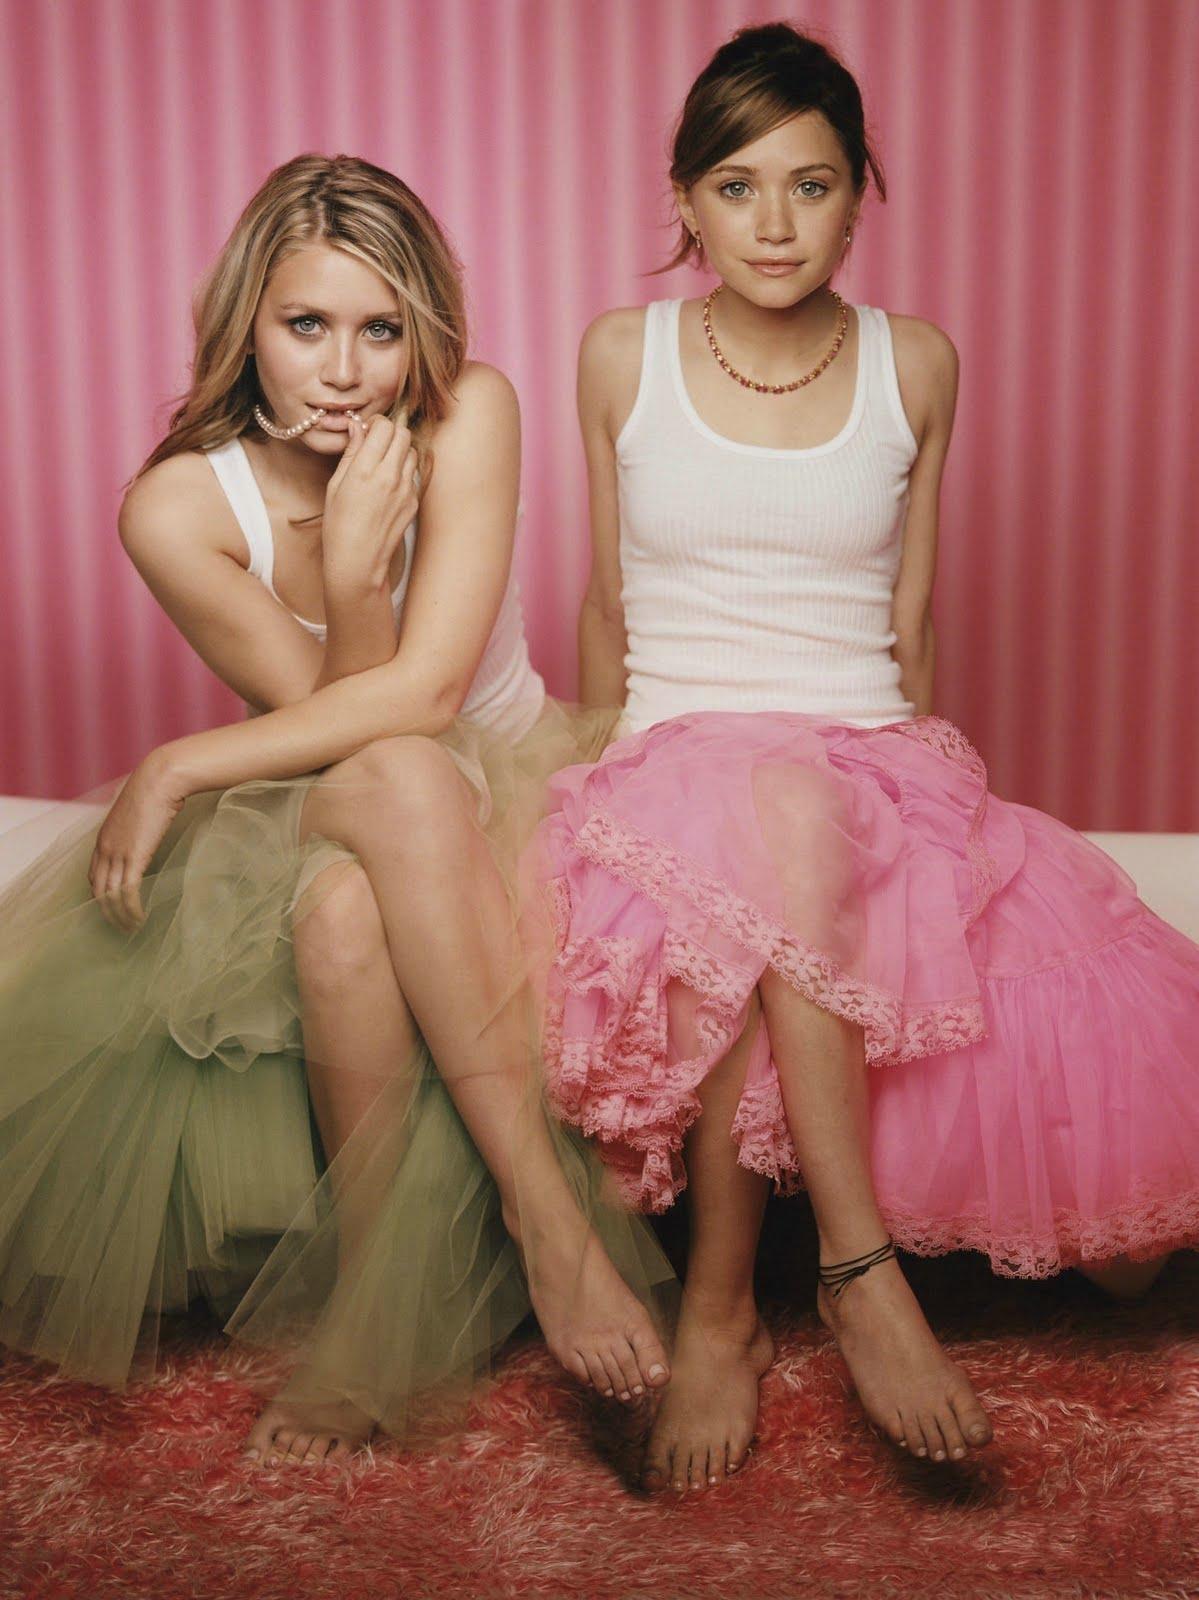 http://2.bp.blogspot.com/-Ec31mUTcLrU/TaO6gIyQ5NI/AAAAAAAAAA4/oqrInmfIQq4/s1600/olse_twins_hot_sexy_nude_see_through_boob_nipple_pokie%2B%2525282%252529.jpg